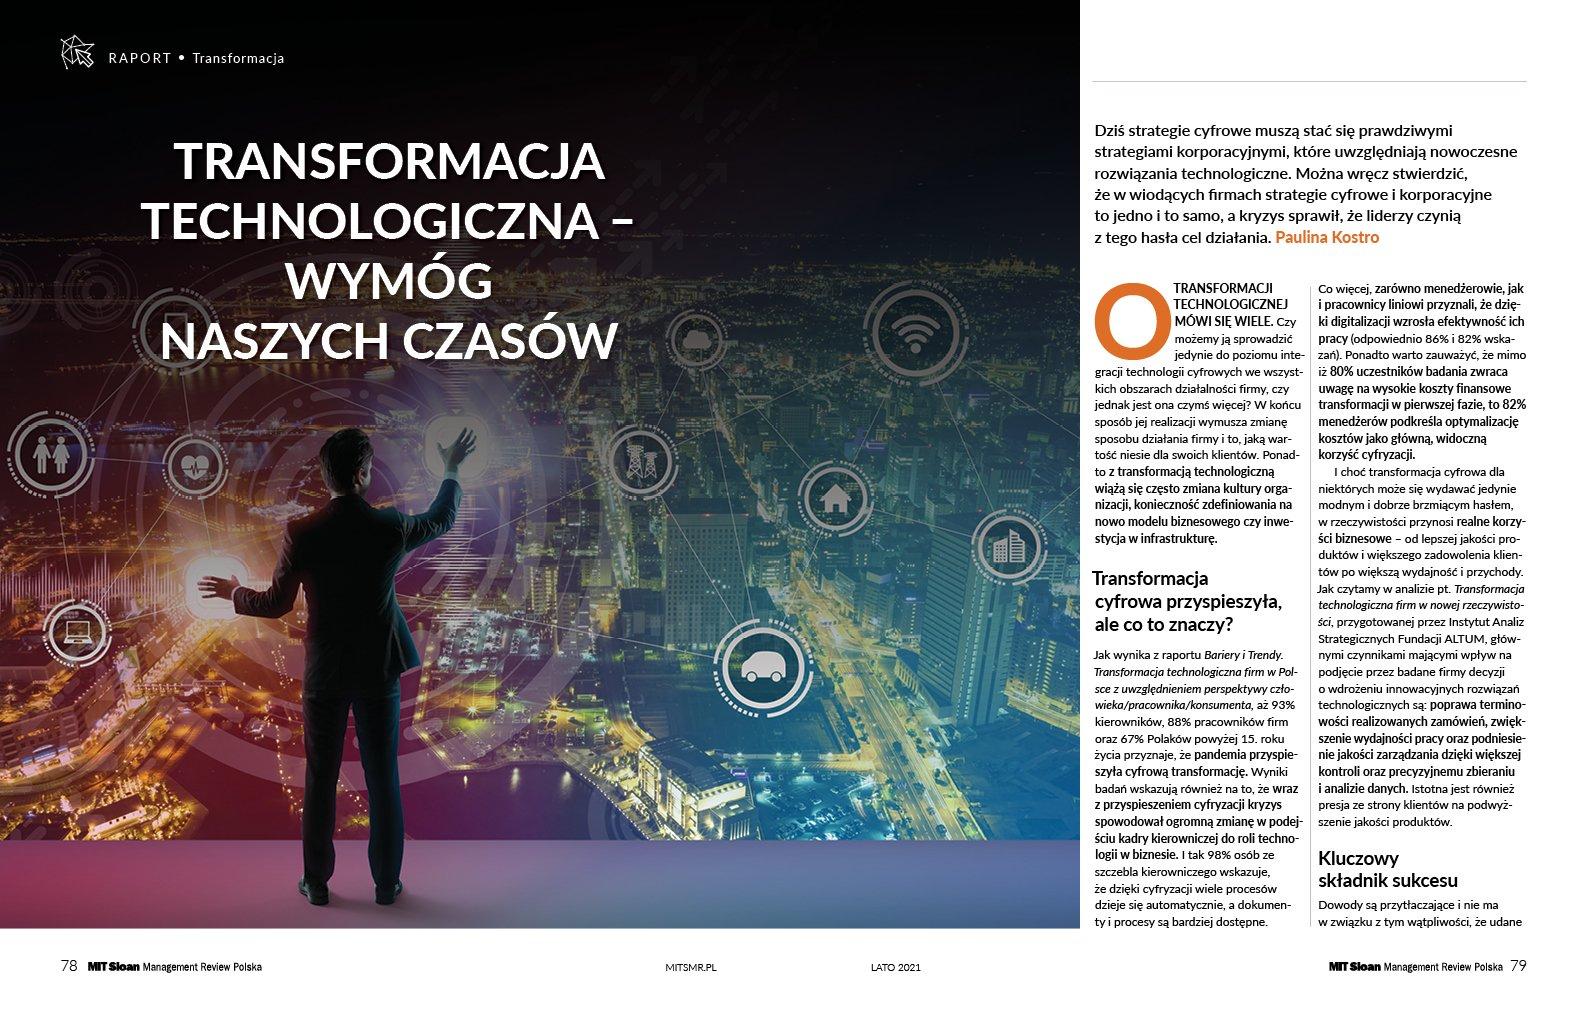 Transformacja technologiczna - wymóg naszych czasów